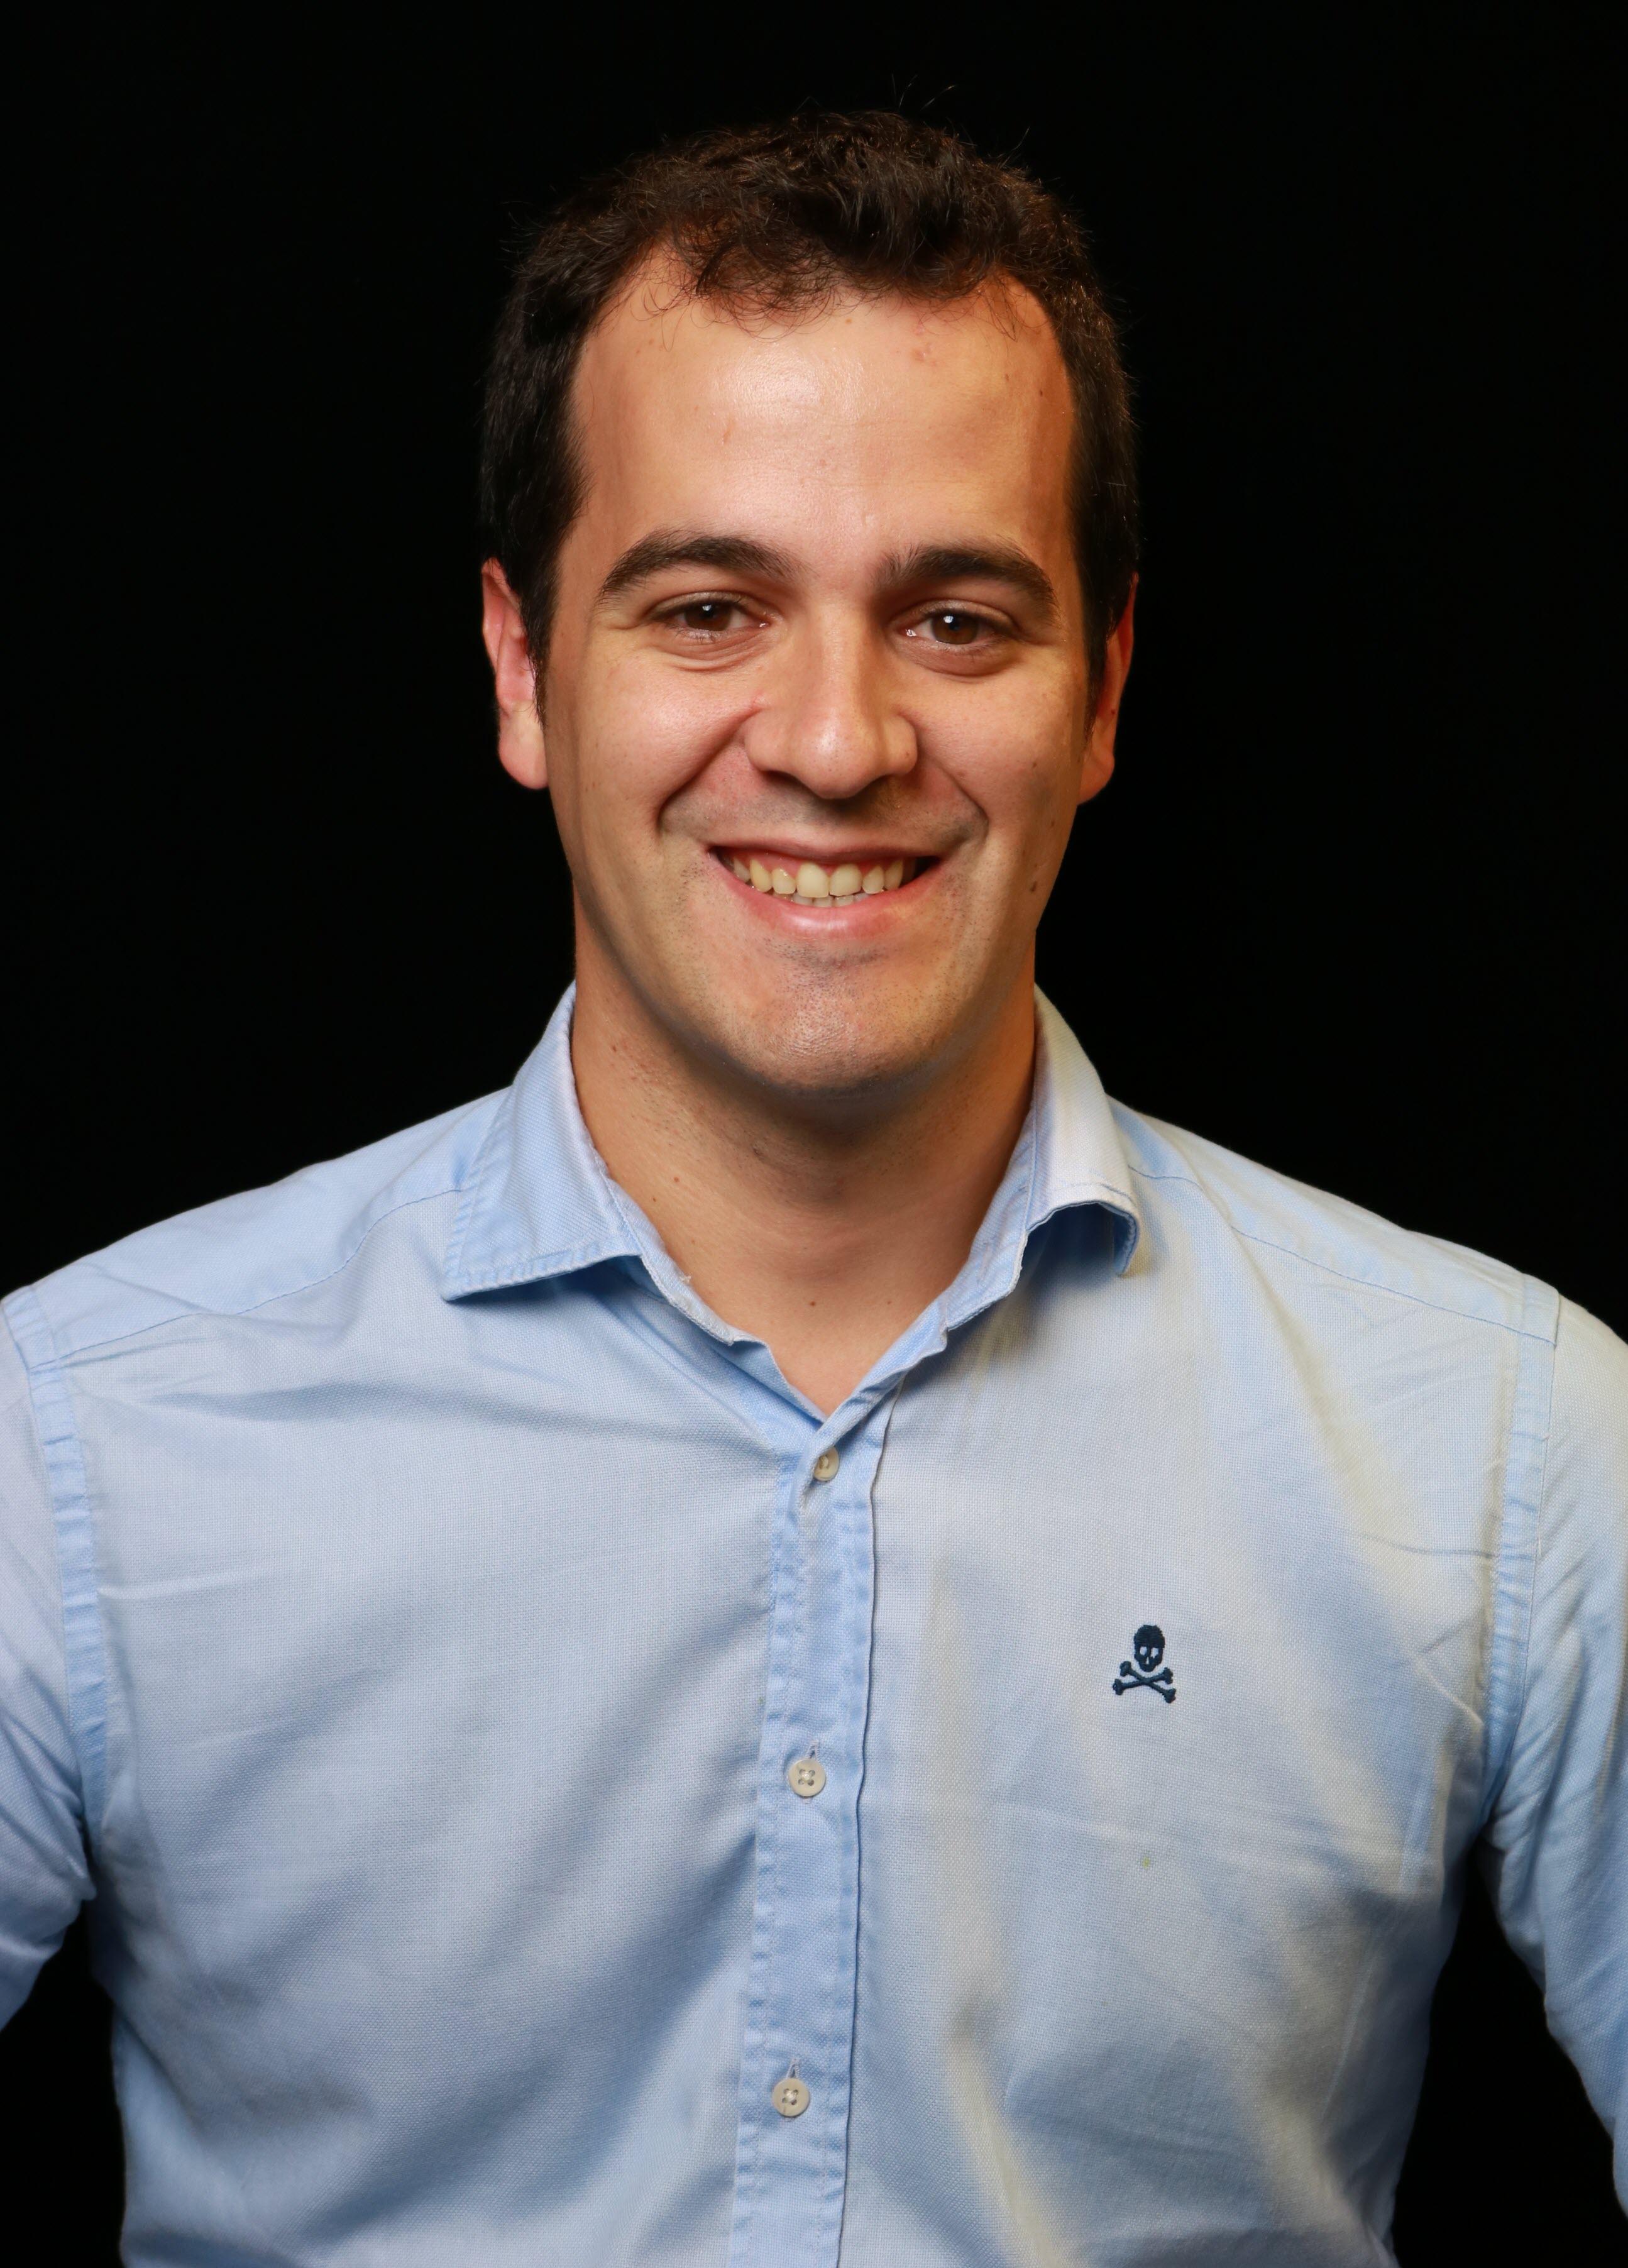 Jose Luis Prieto